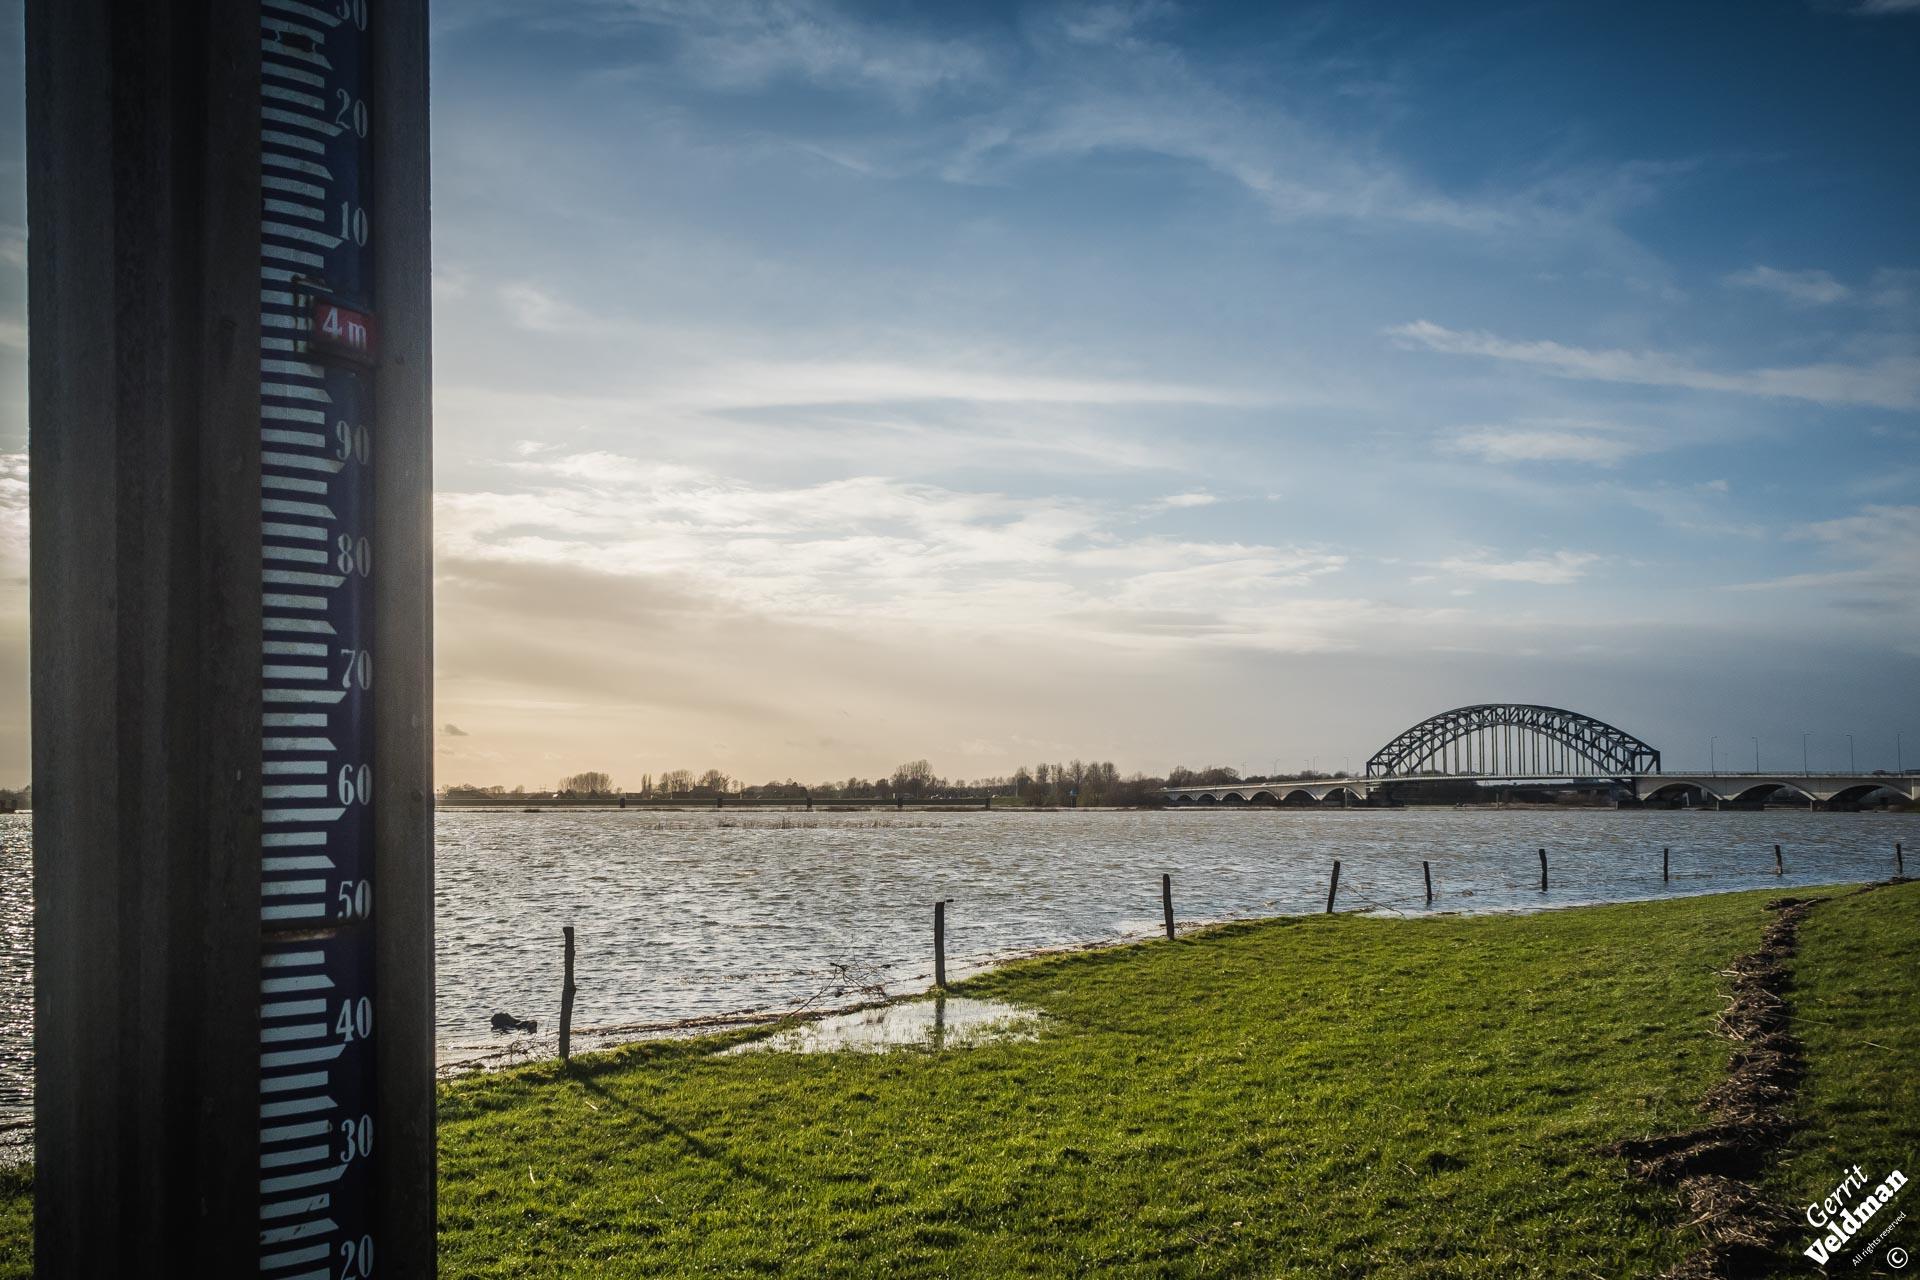 Hoog water bij de Oude IJsselbrug